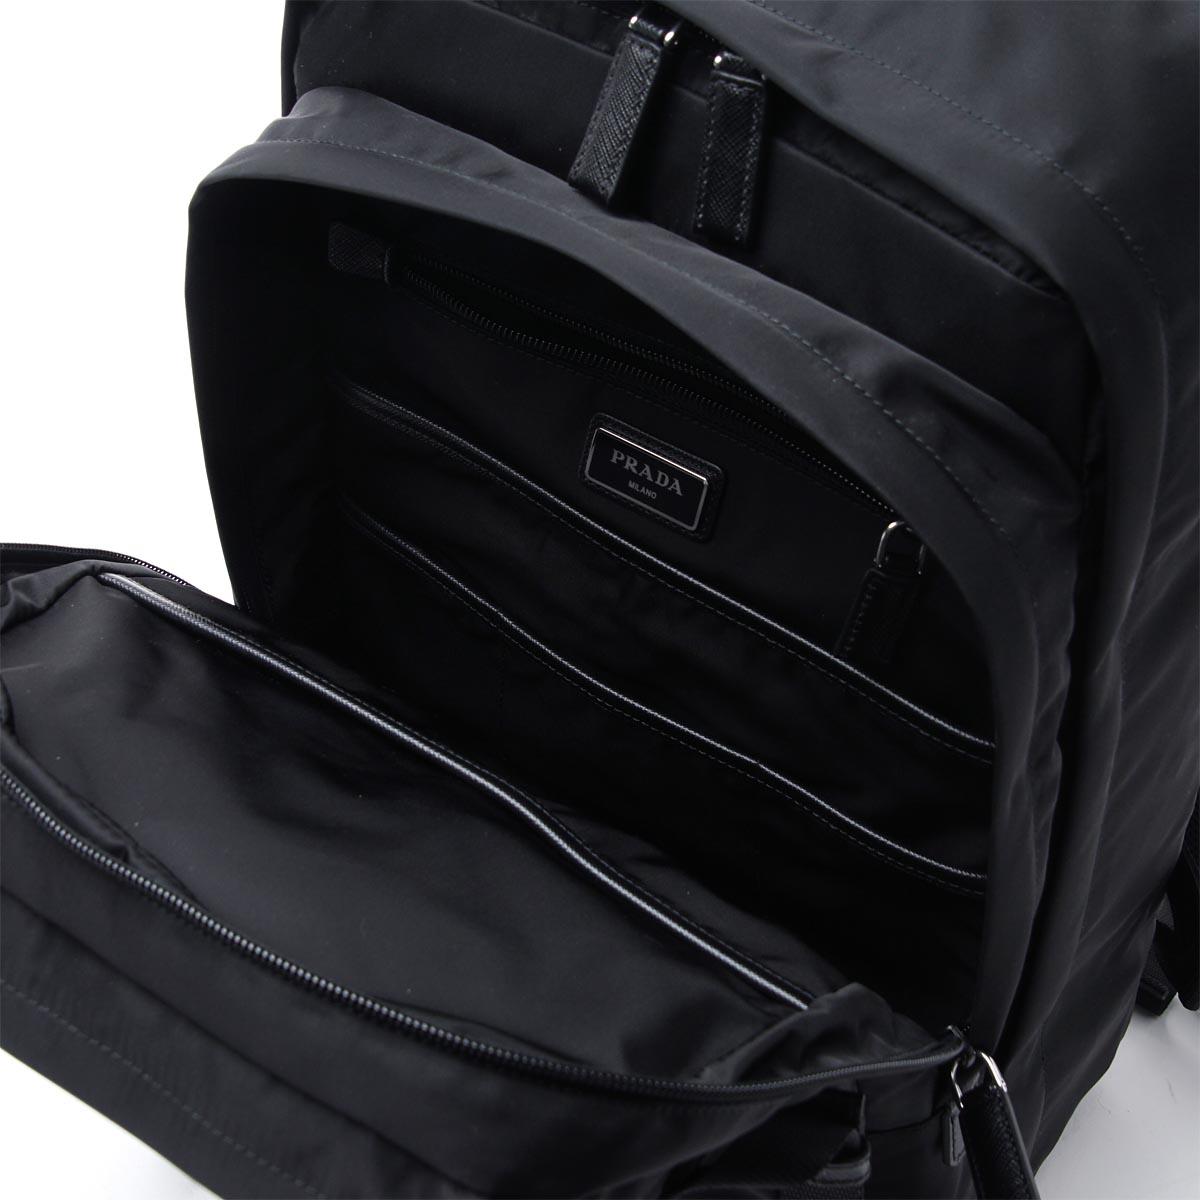 f56107e43816 buy prada men backpack blue 2vz001 973 f0008 v ooo prada prada backpack  59a42 ecb1d; new zealand fabric backpack blue prada prada prada backpack  2460a a4189